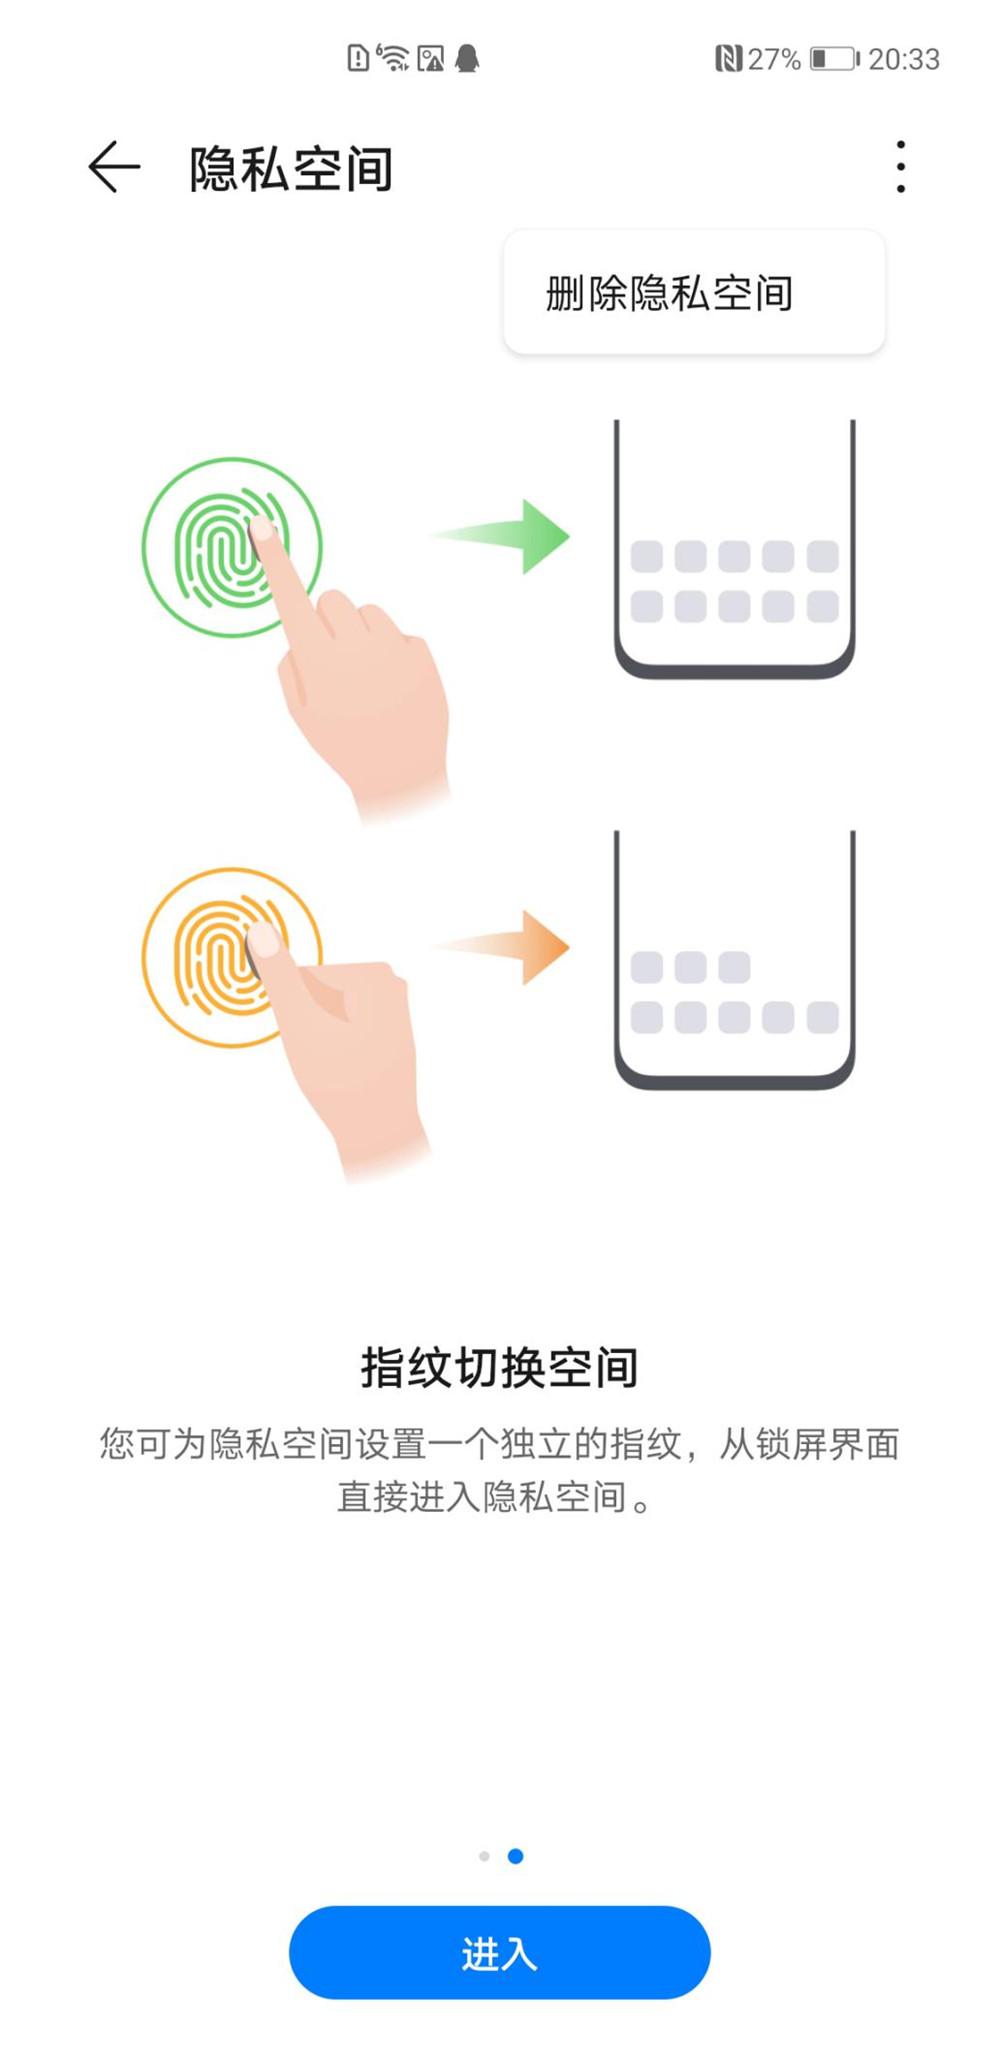 EMUI 11中的4个小功能 让你远离隐私泄露